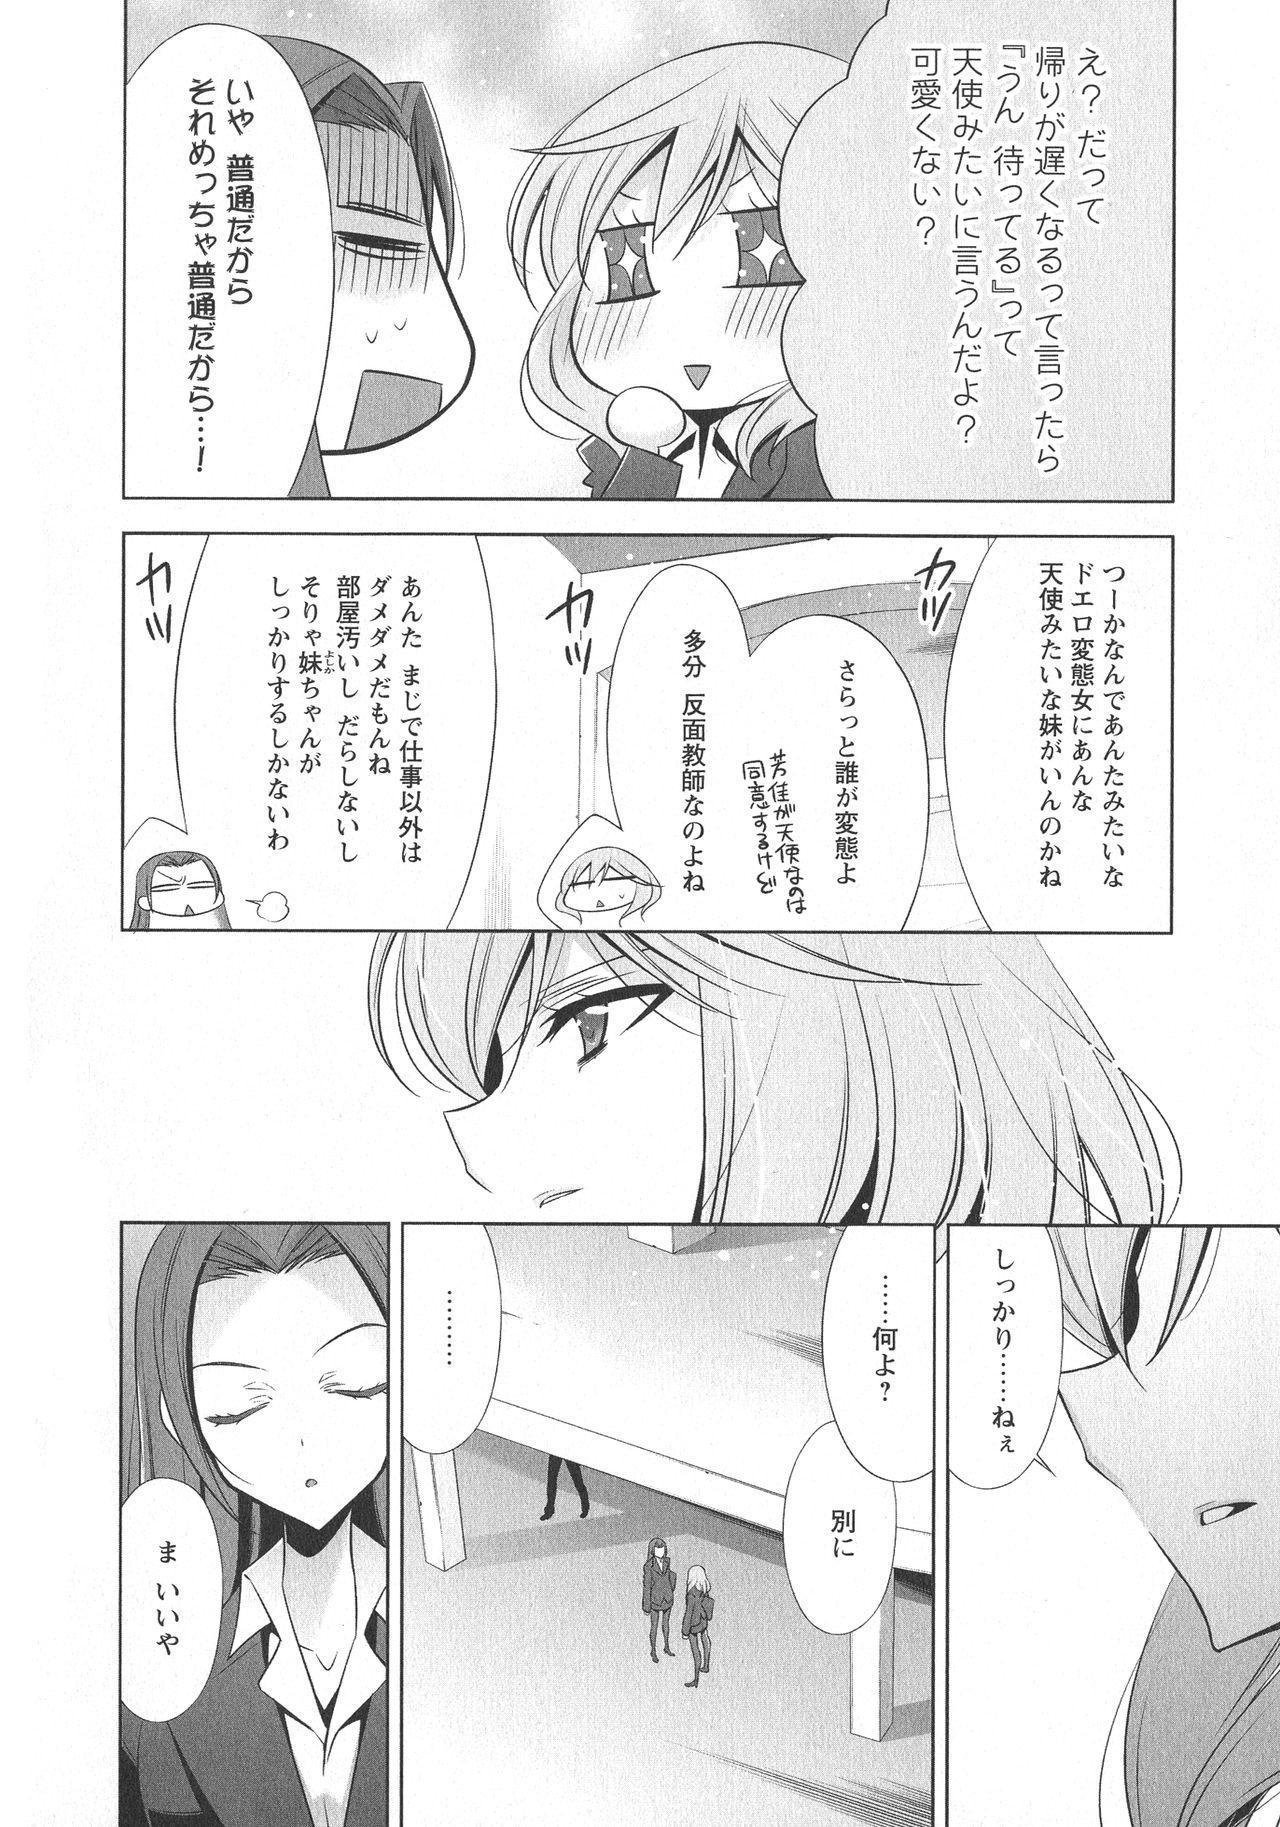 [Anthology] L -Ladies & Girls Love- 07 9